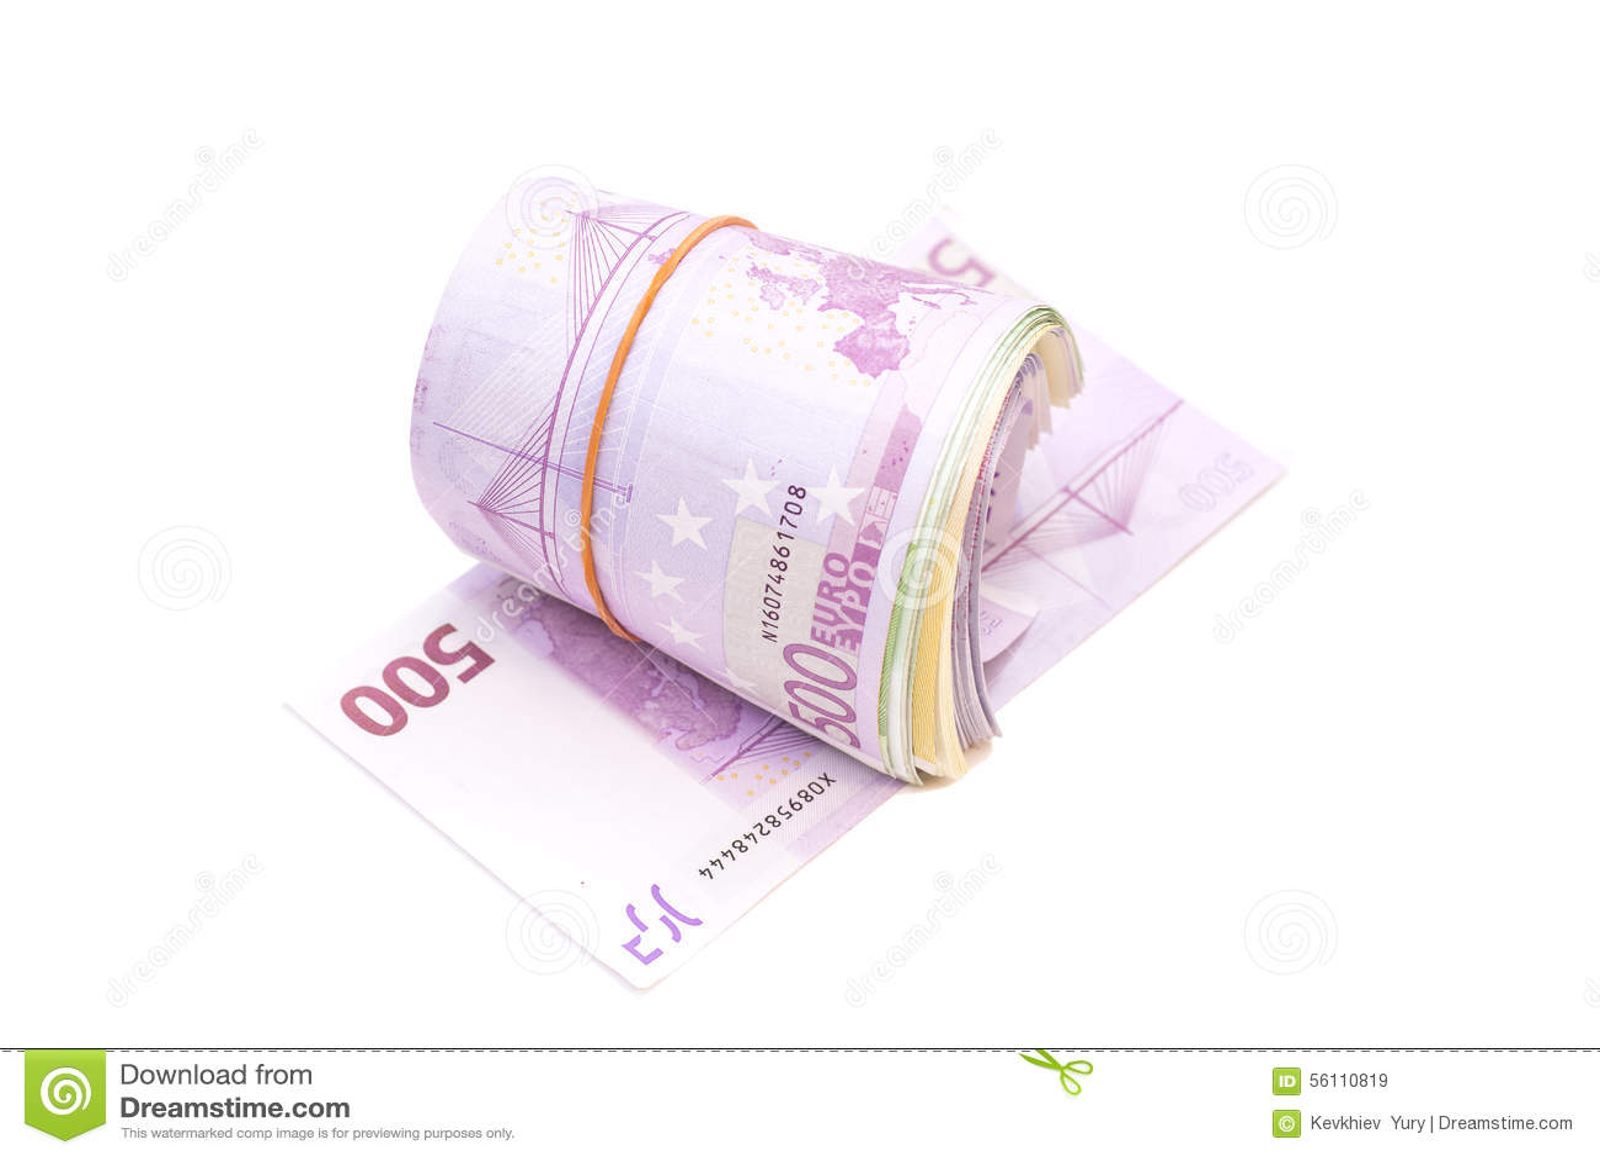 5 сотых банкнот под круглой резинкой